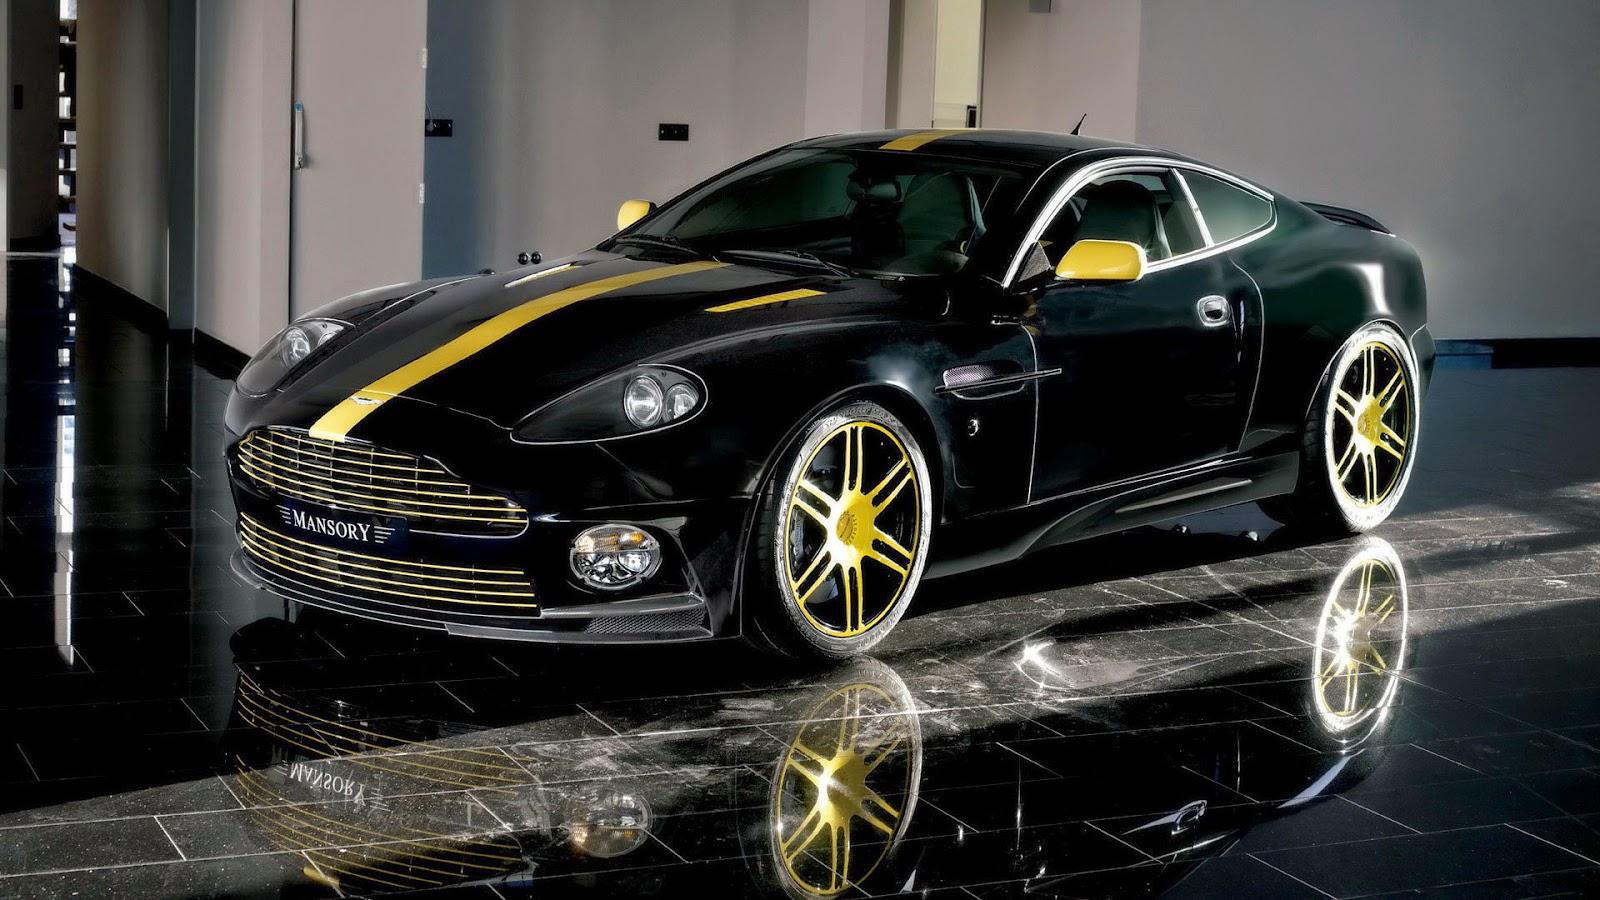 Aston Martin DB Custom Wallpaper Free Download HD